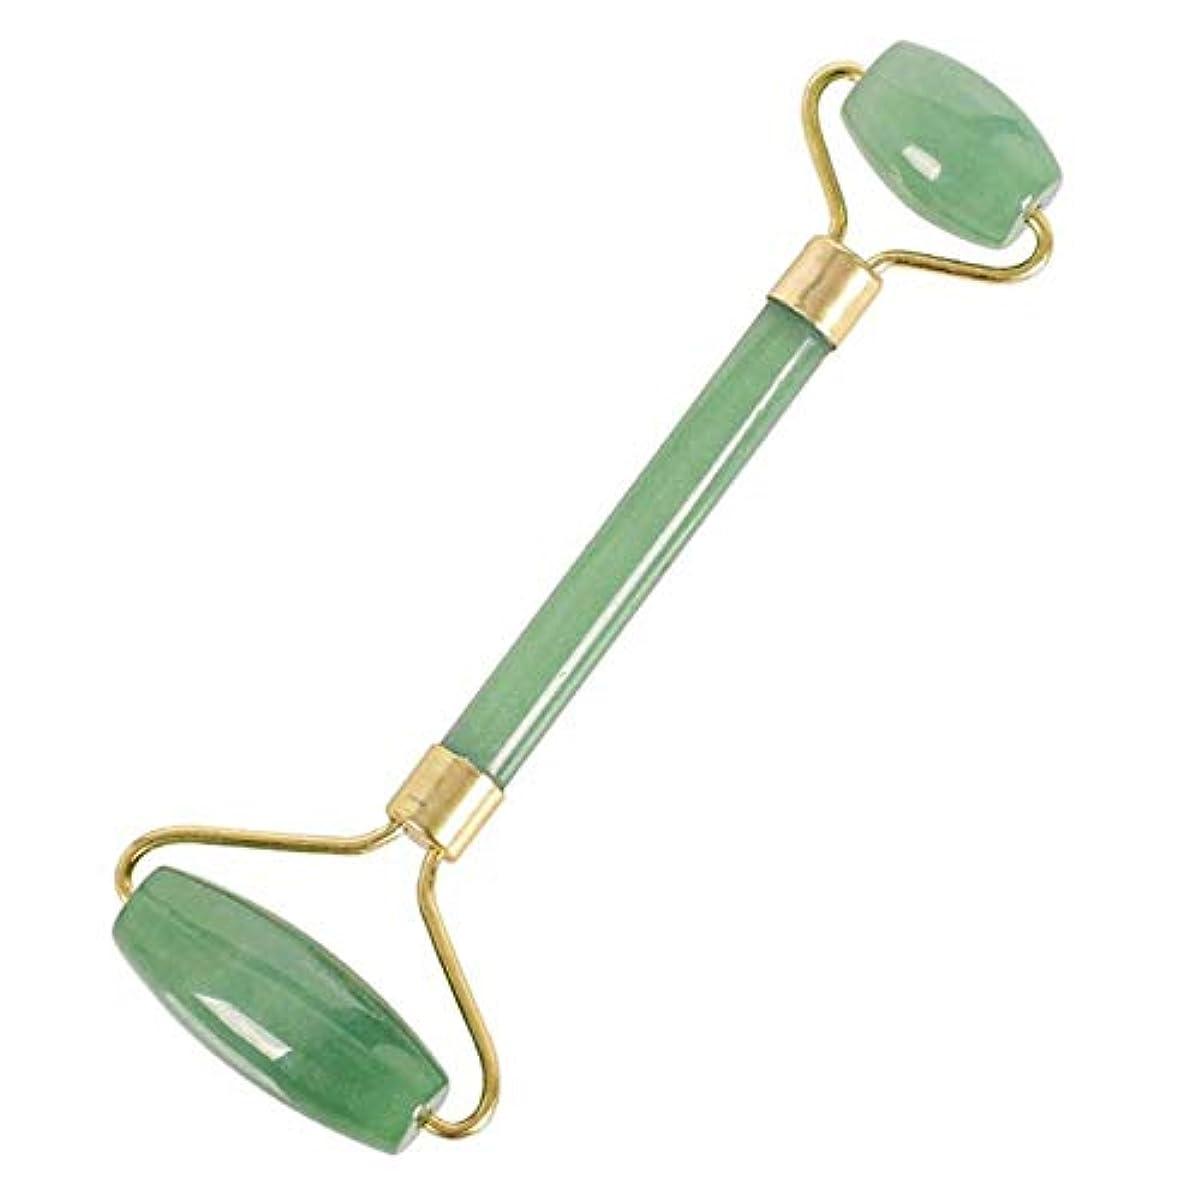 平日うるさい統治可能Echo & Kern 翡翠フェイスマッサジローラー Double head Jade Stone Derma Roller (green jade roller)